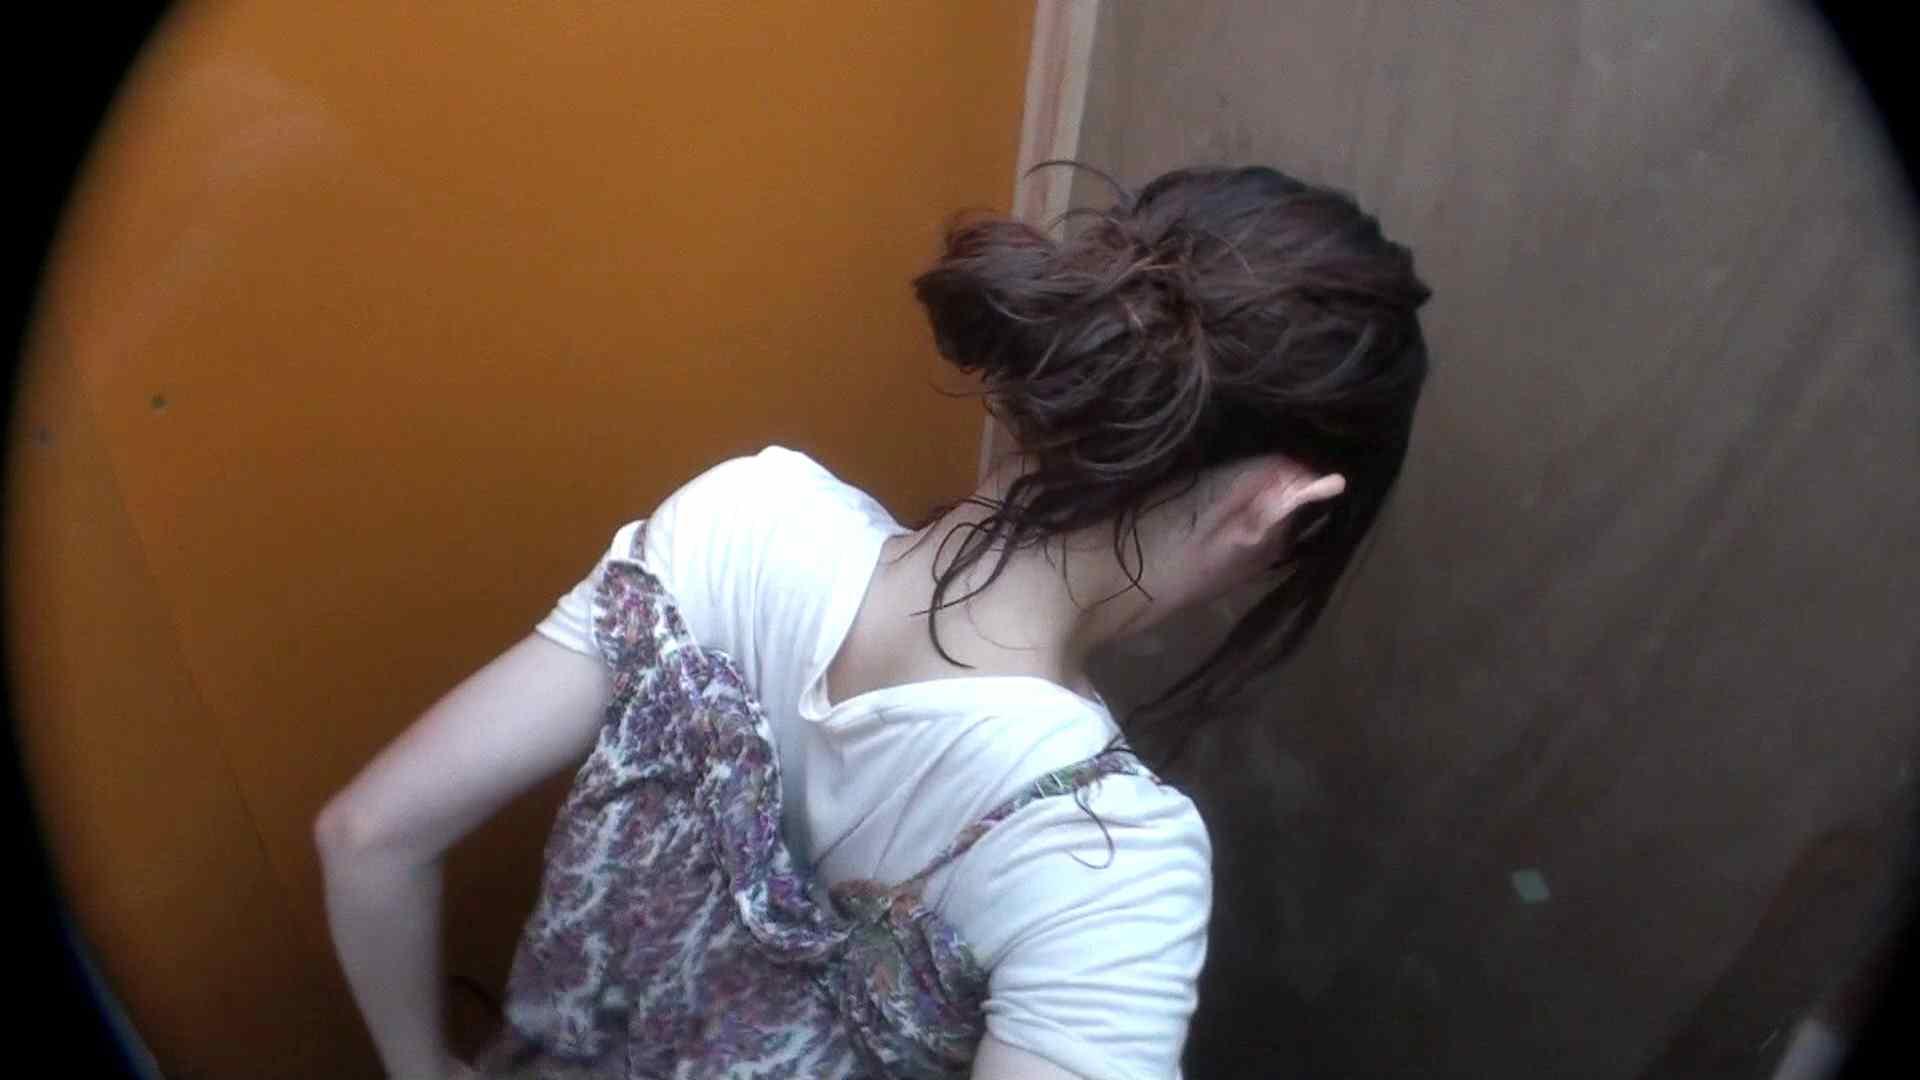 Vol.29 こっちを向いて欲しい貧乳女市さん 盗撮映像  28Pix 4